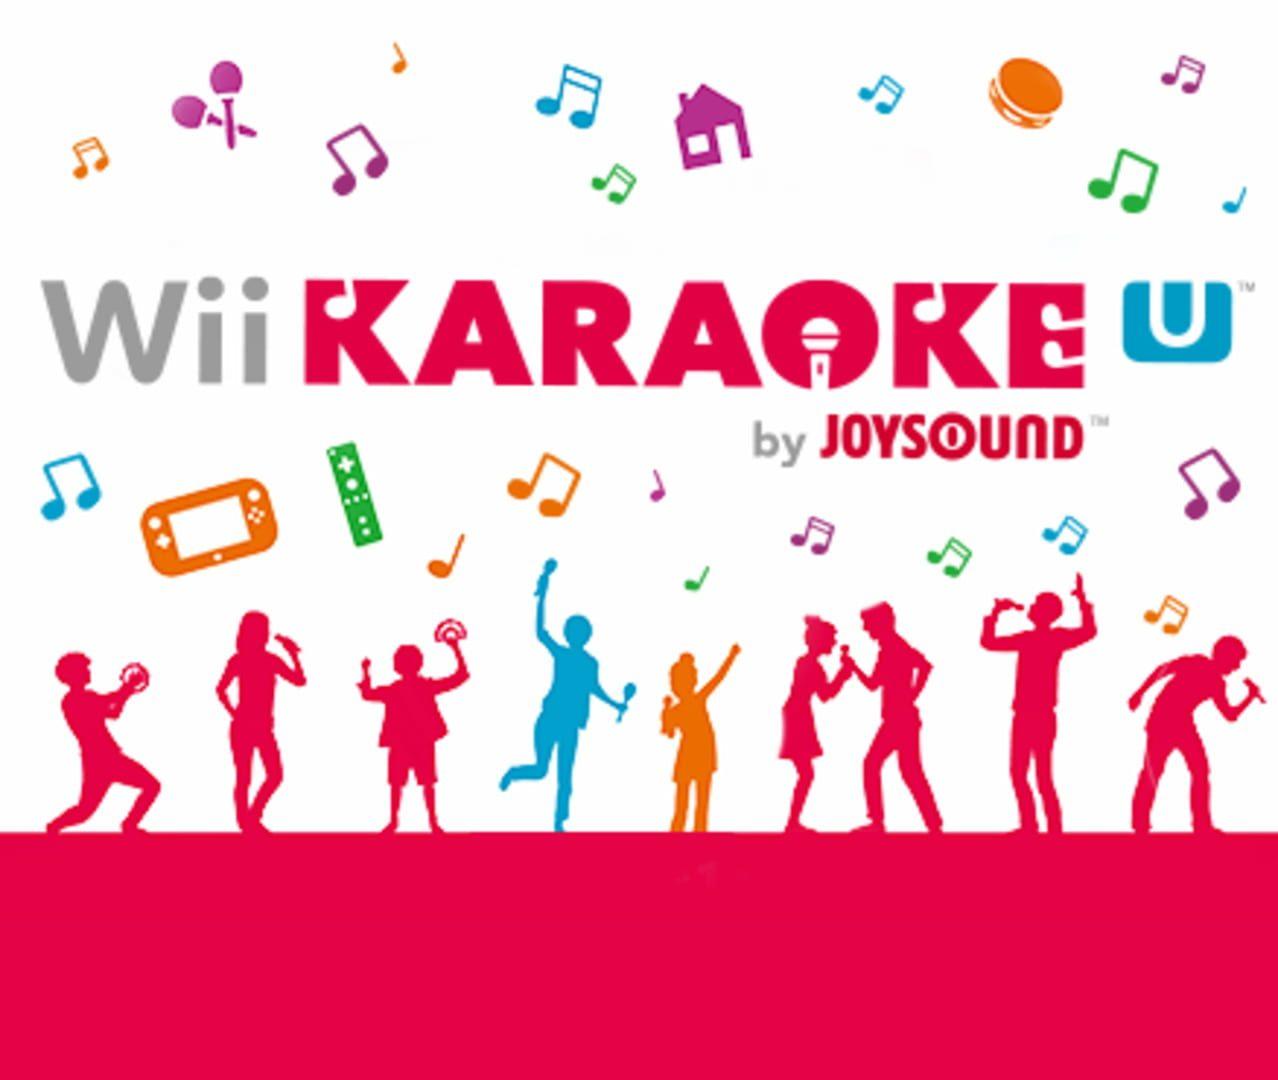 buy Wii Karaoke U by Joysound cd key for all platform